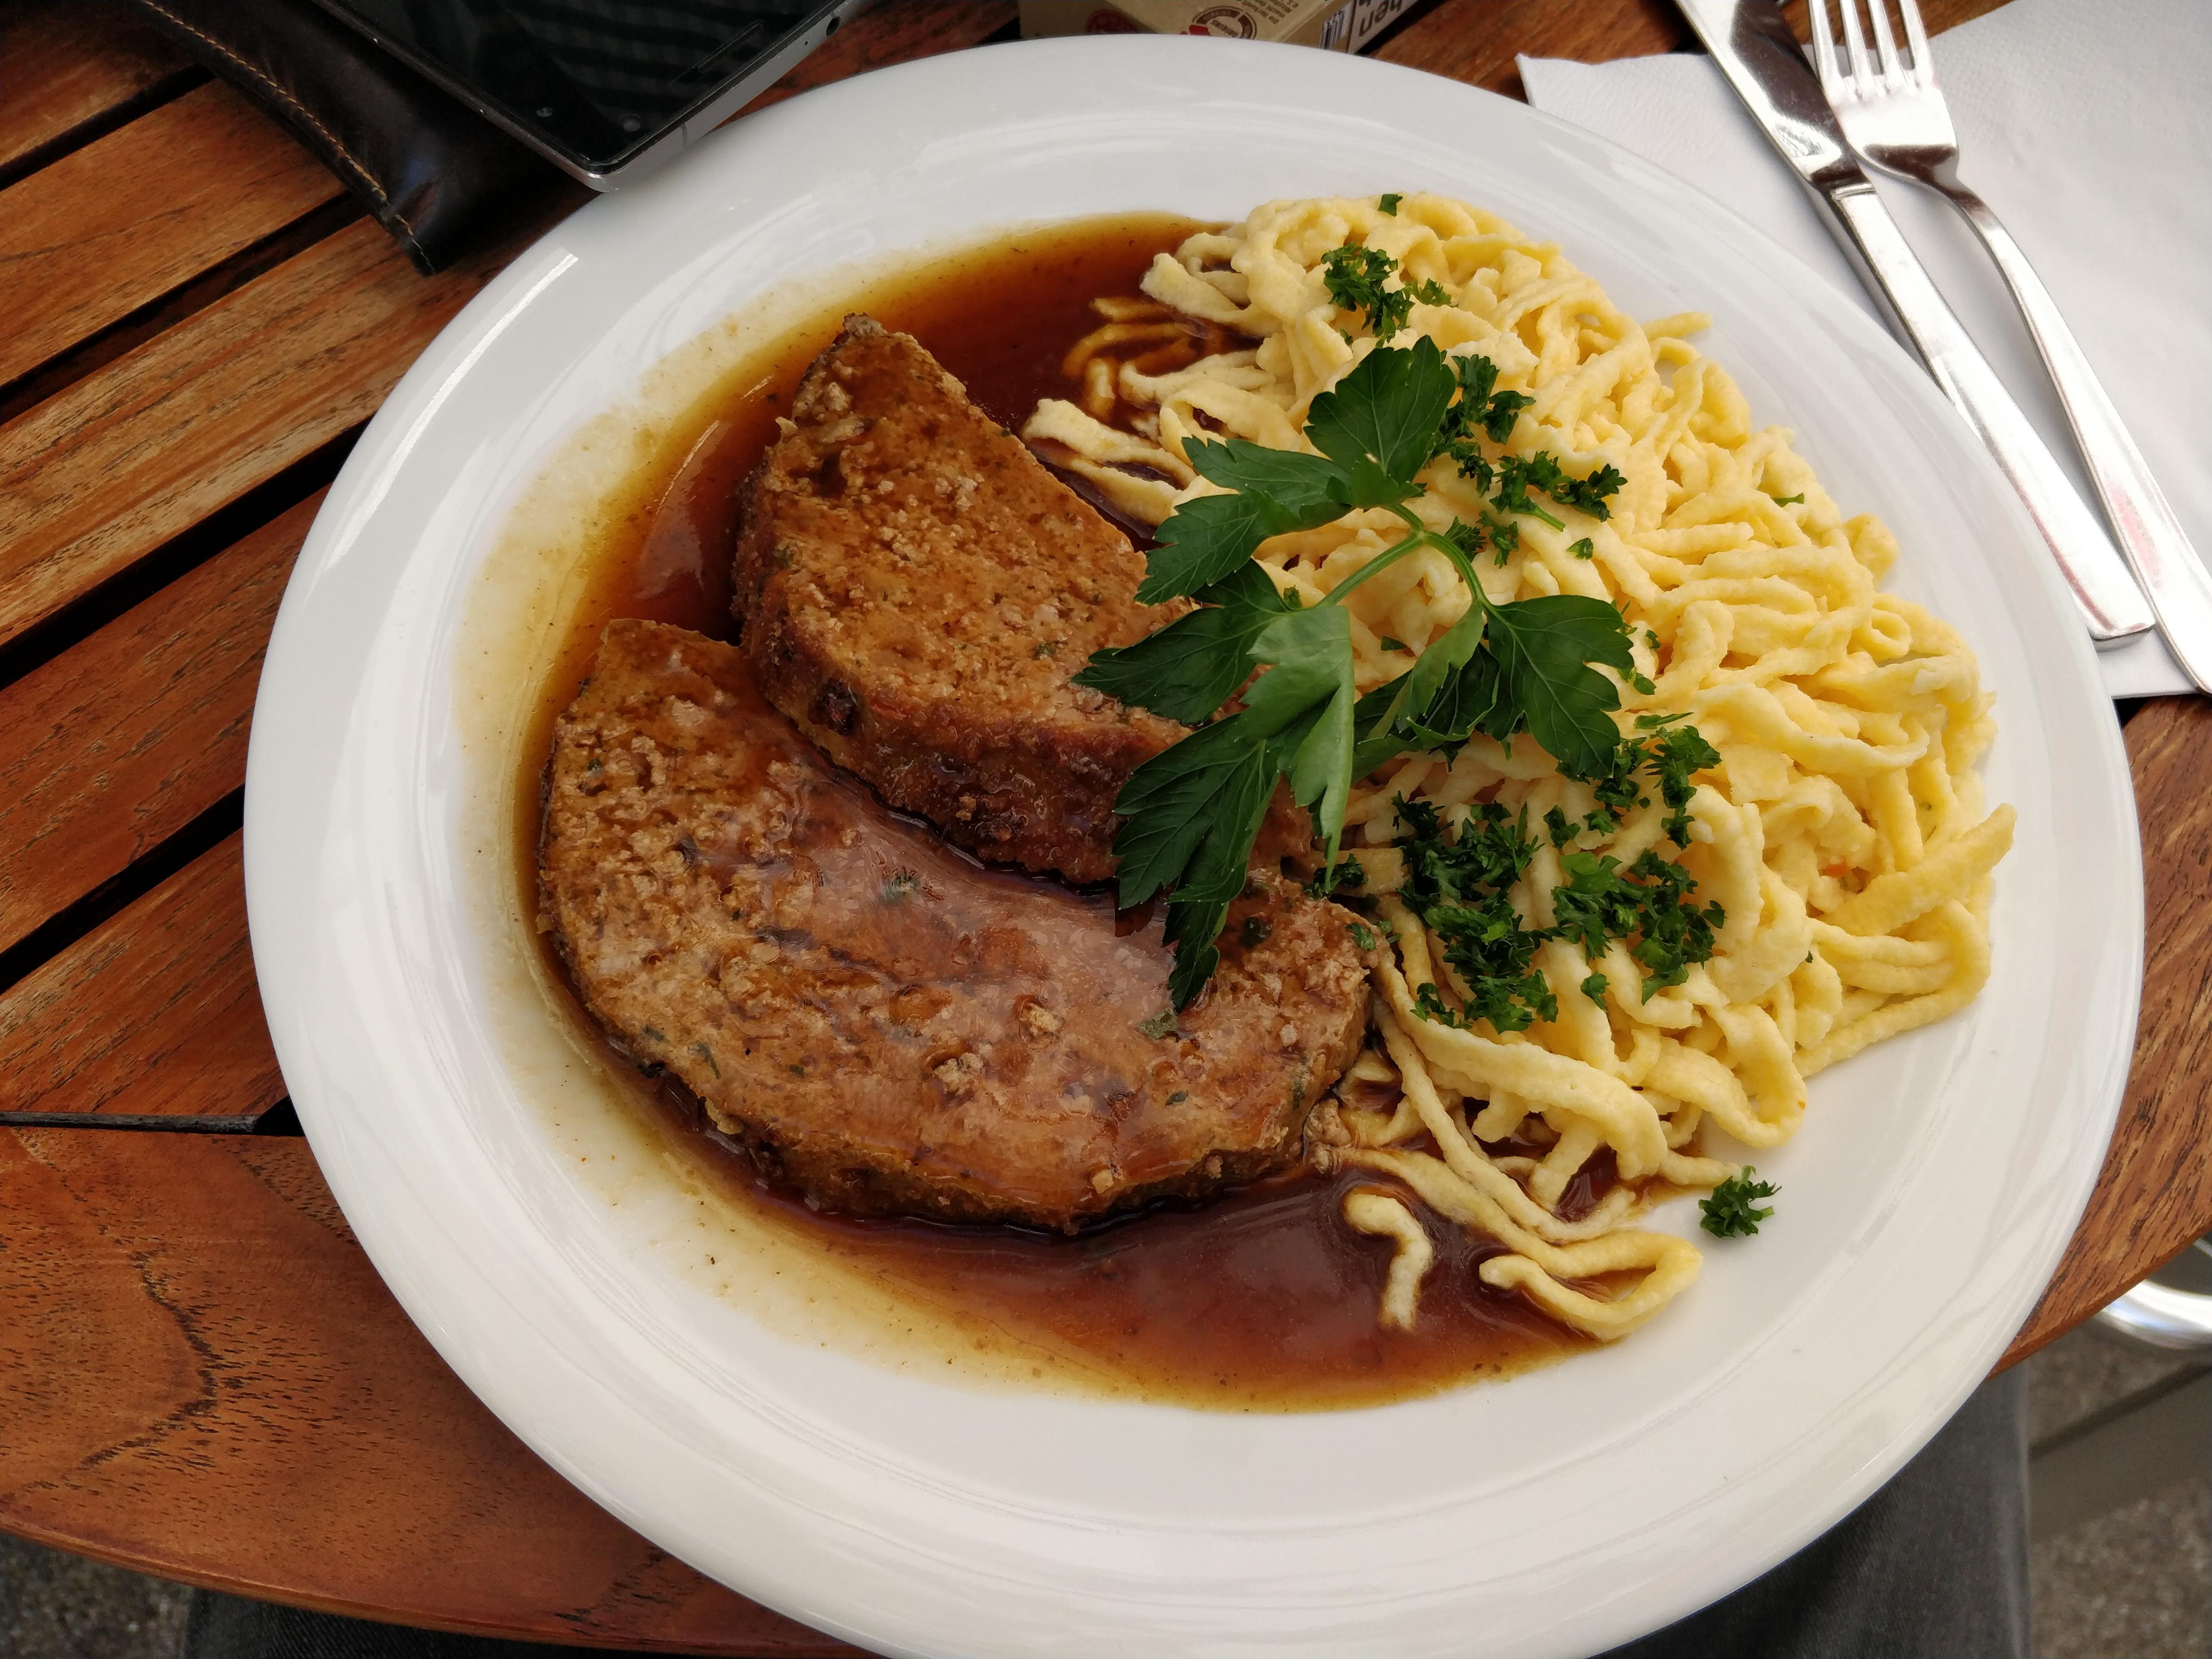 http://foodloader.net/nico_2017-07-13_hackbraten-mit-spaetzle.jpg